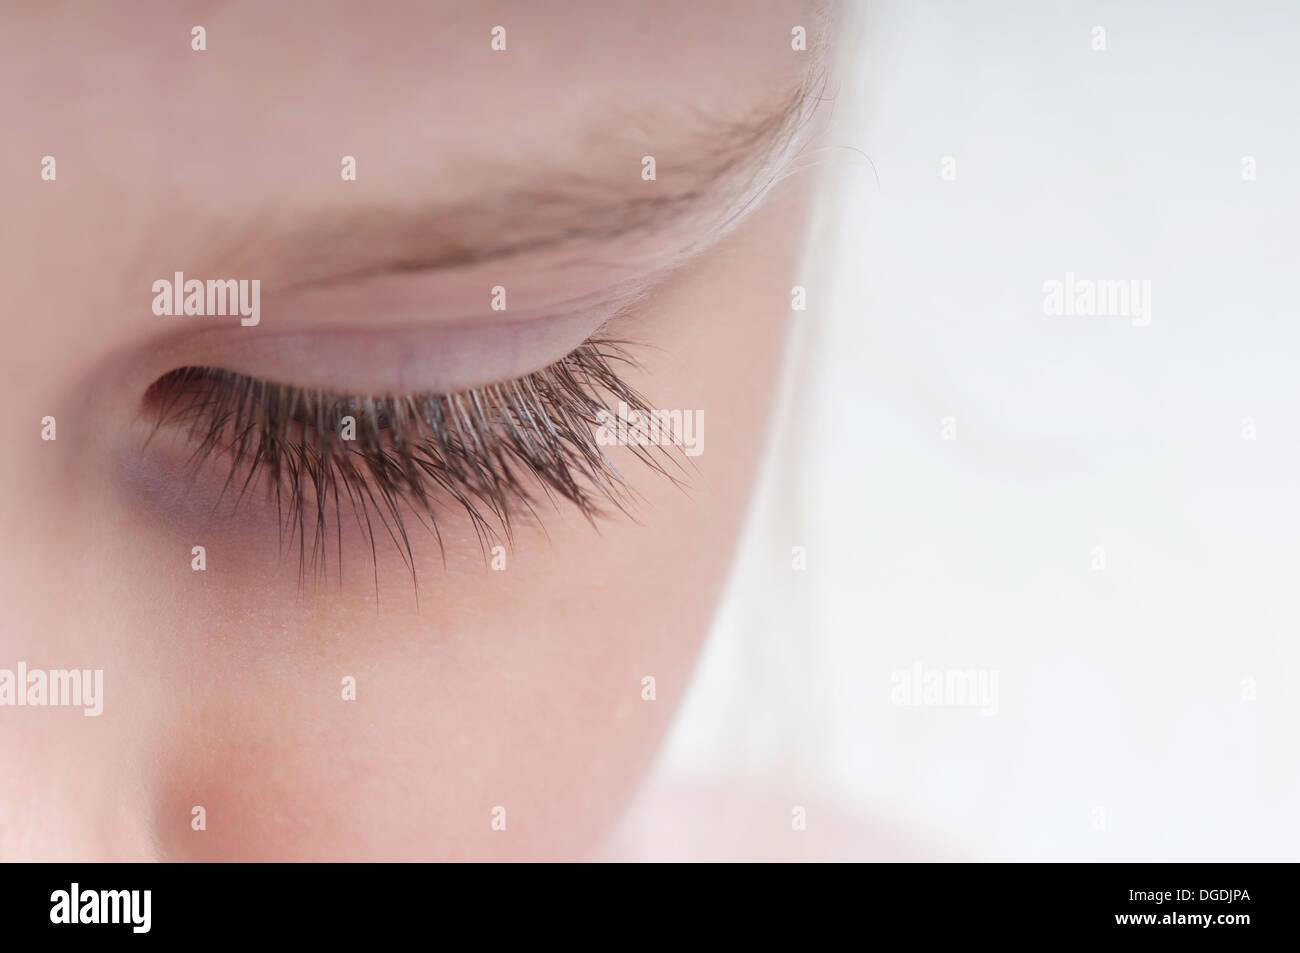 Closeup Aufnahme von Wimpern Stockbild